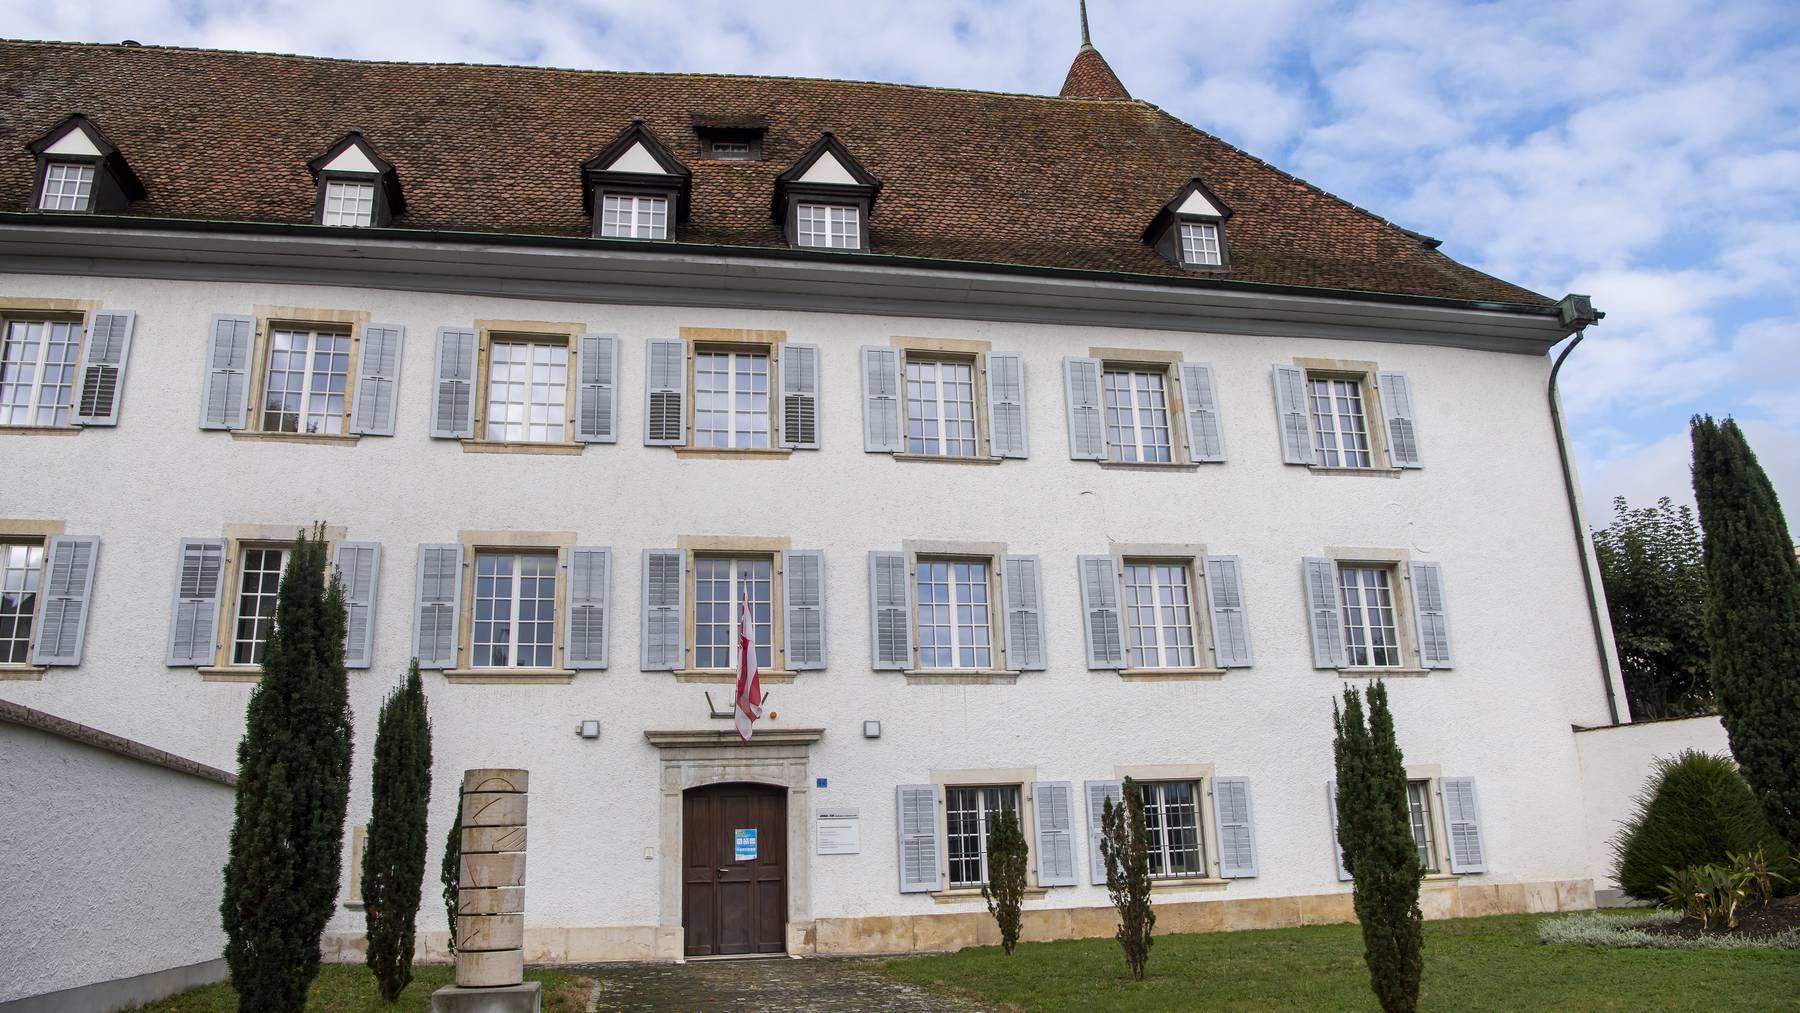 Für die 60 Sitze im jurassischen Kantonsparlament hatten sich 462 Kandidaten zur Wahl gestellt. (Symbolbild)